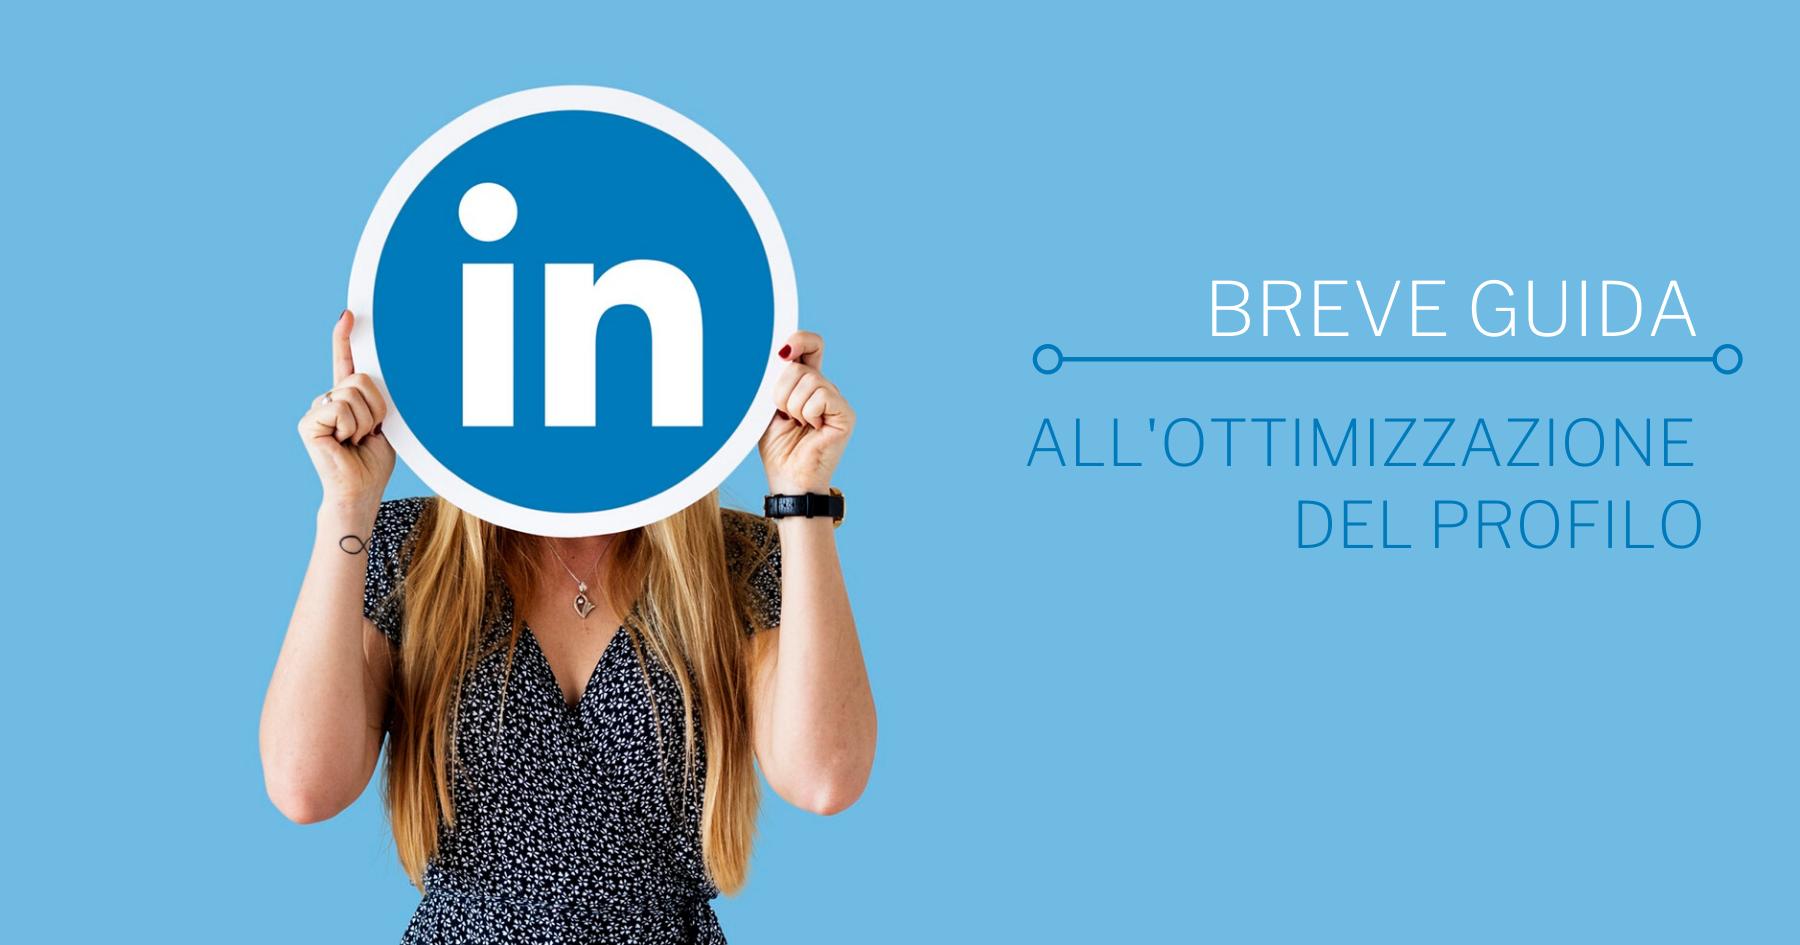 Breve guida all'ottimizzazione del profilo Linkedin